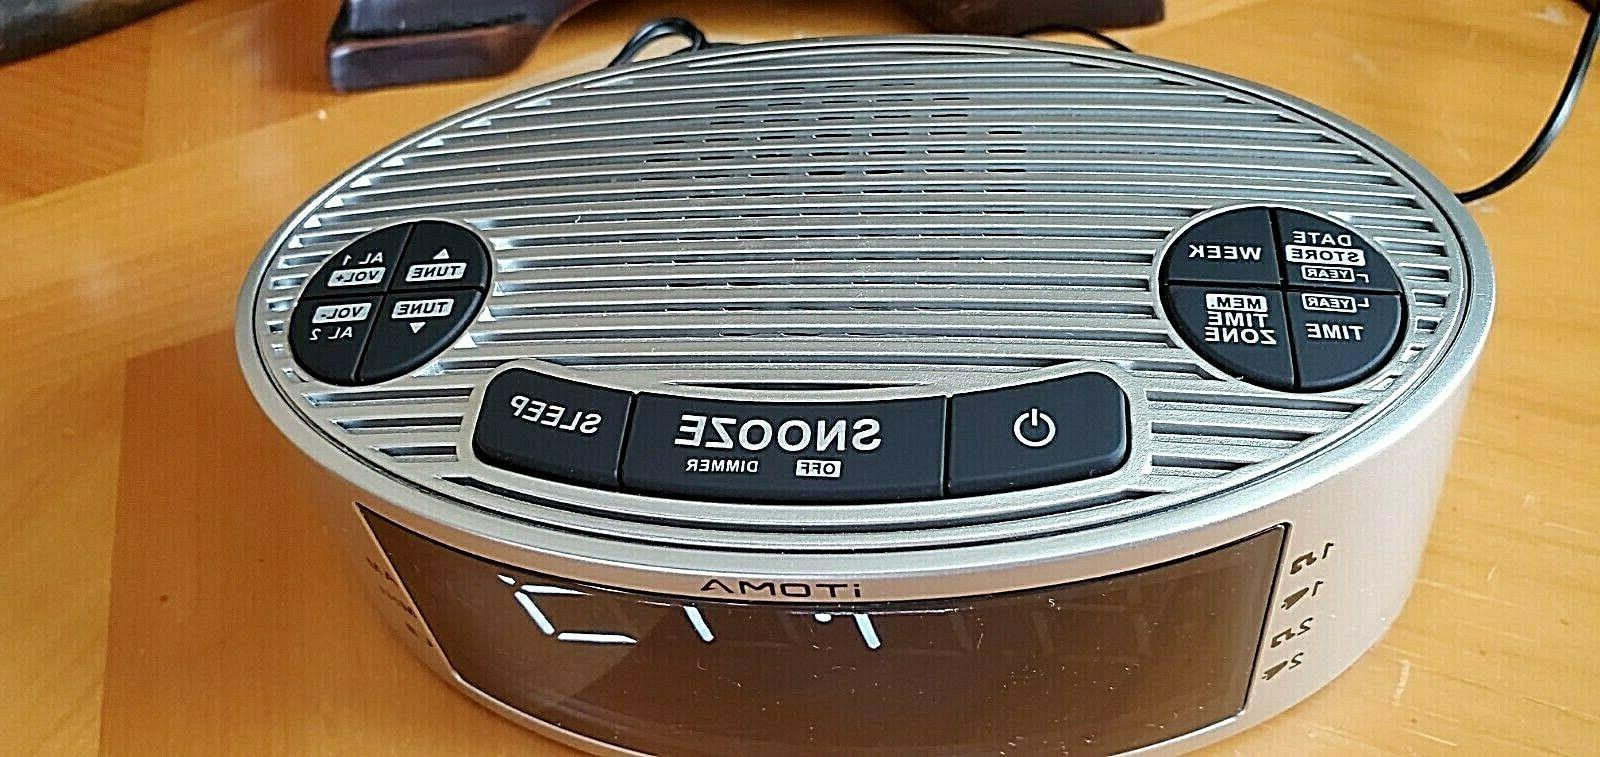 iTOMA Alarm Radio, Clock